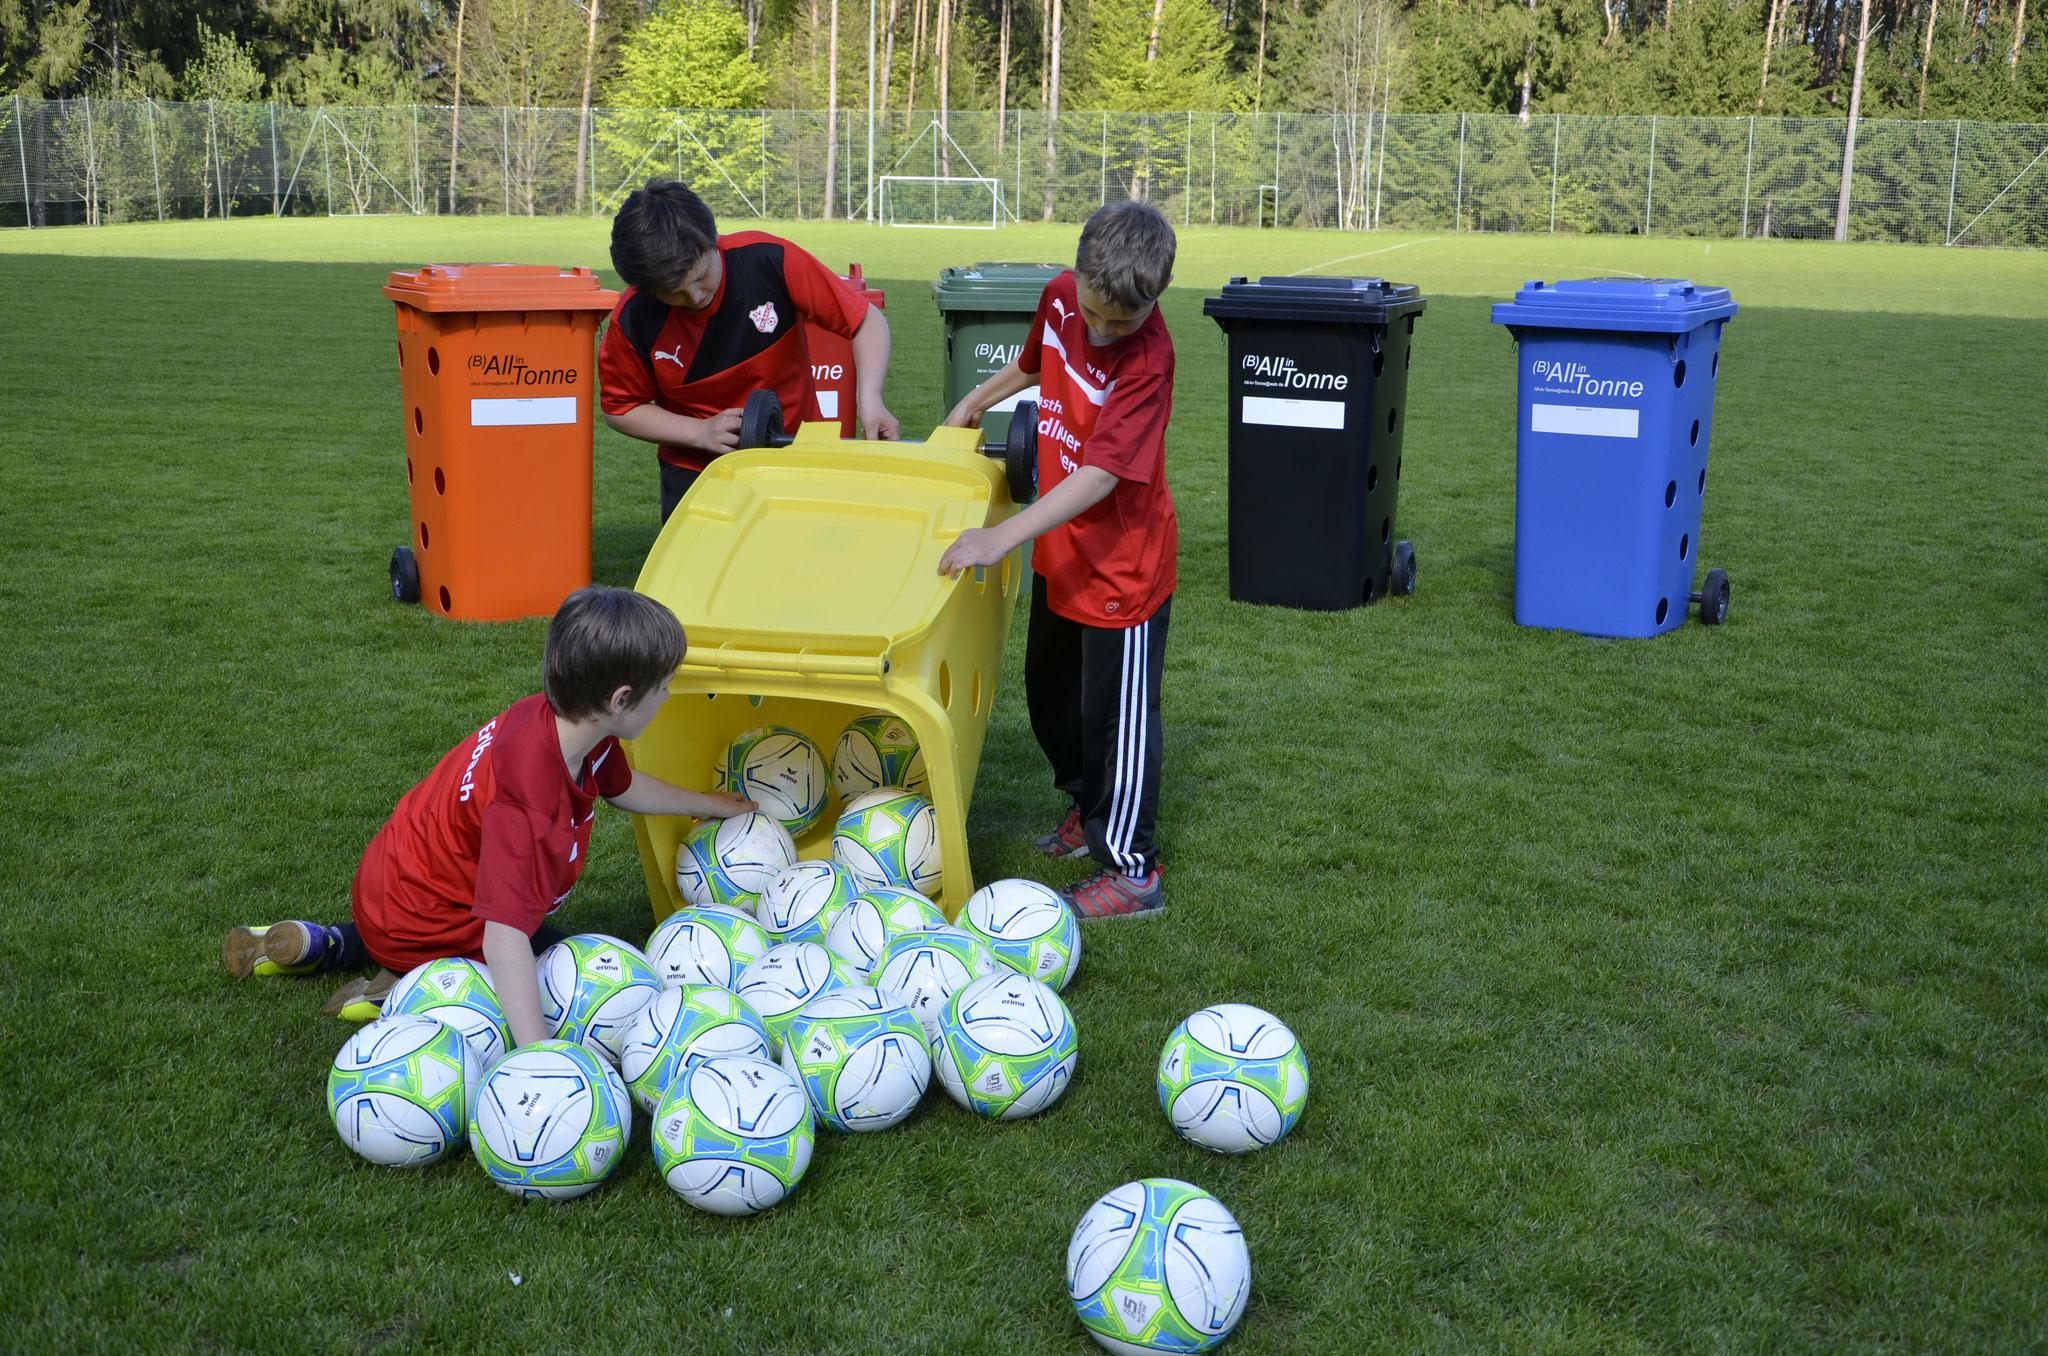 Ballnetz, Trainingsartikel, Fußballbox